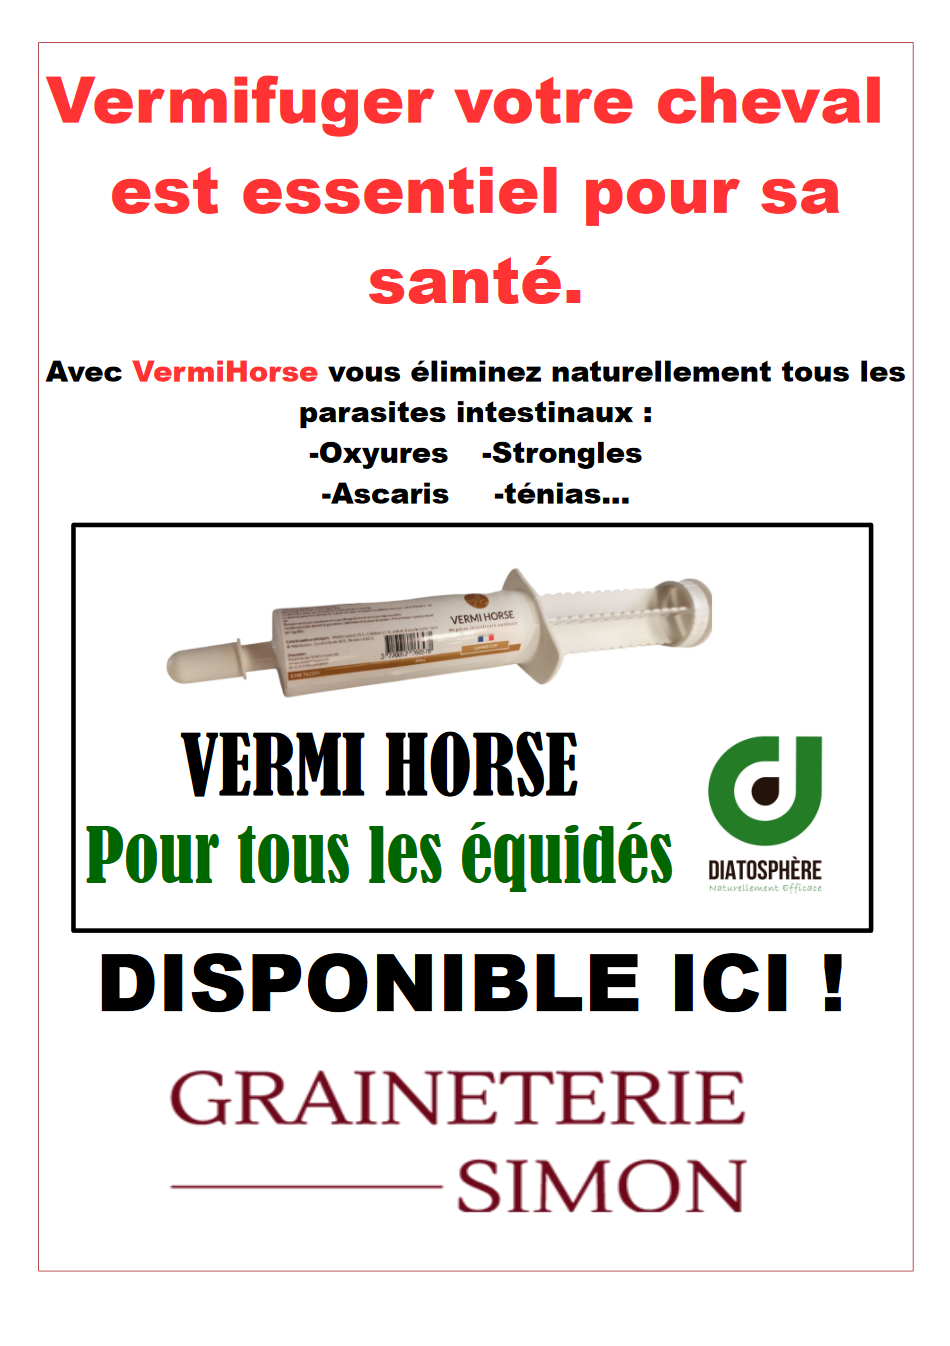 https://www.graineteriesimon.fr/wp-content/uploads/2020/12/vermi-horse.png